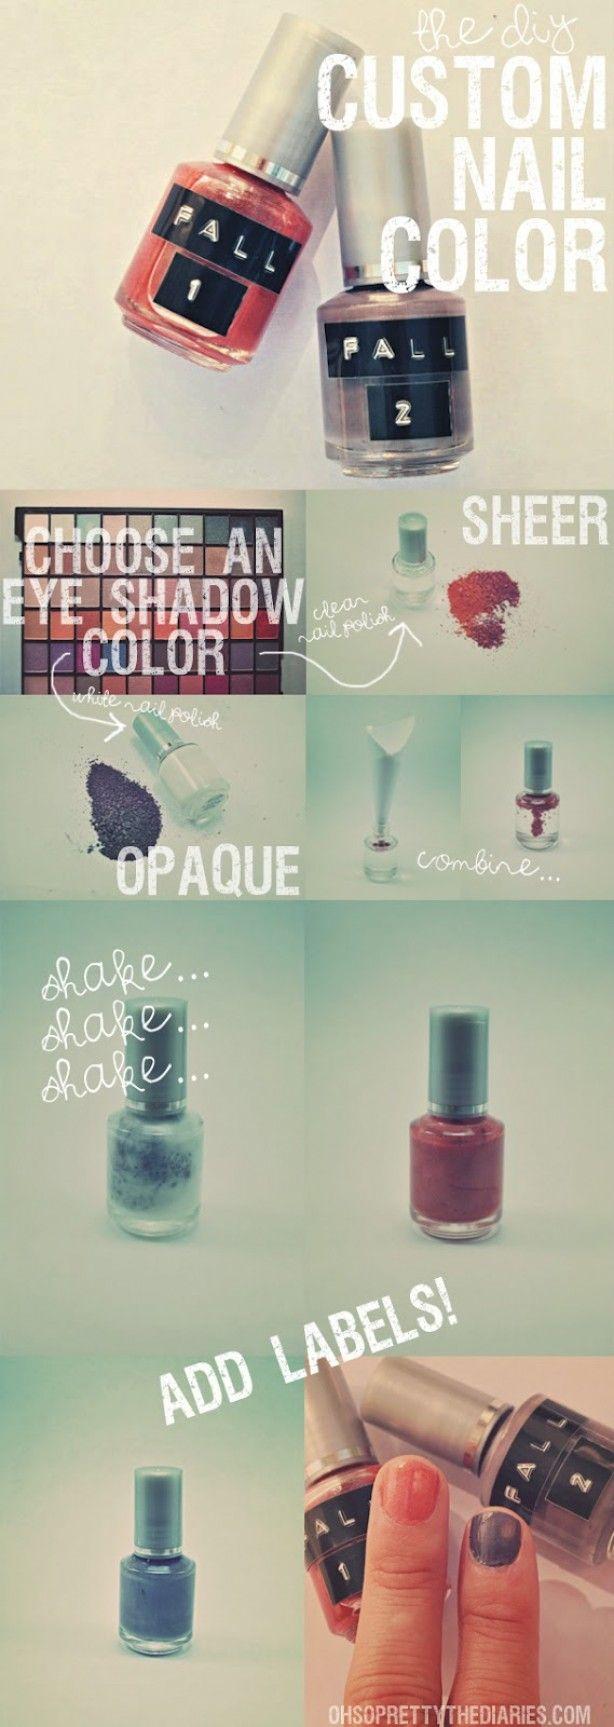 mix+je+oude+oogschaduw+met+blanke+nagellak+en+je+hebt+een+heel+nieuw+kleurtje